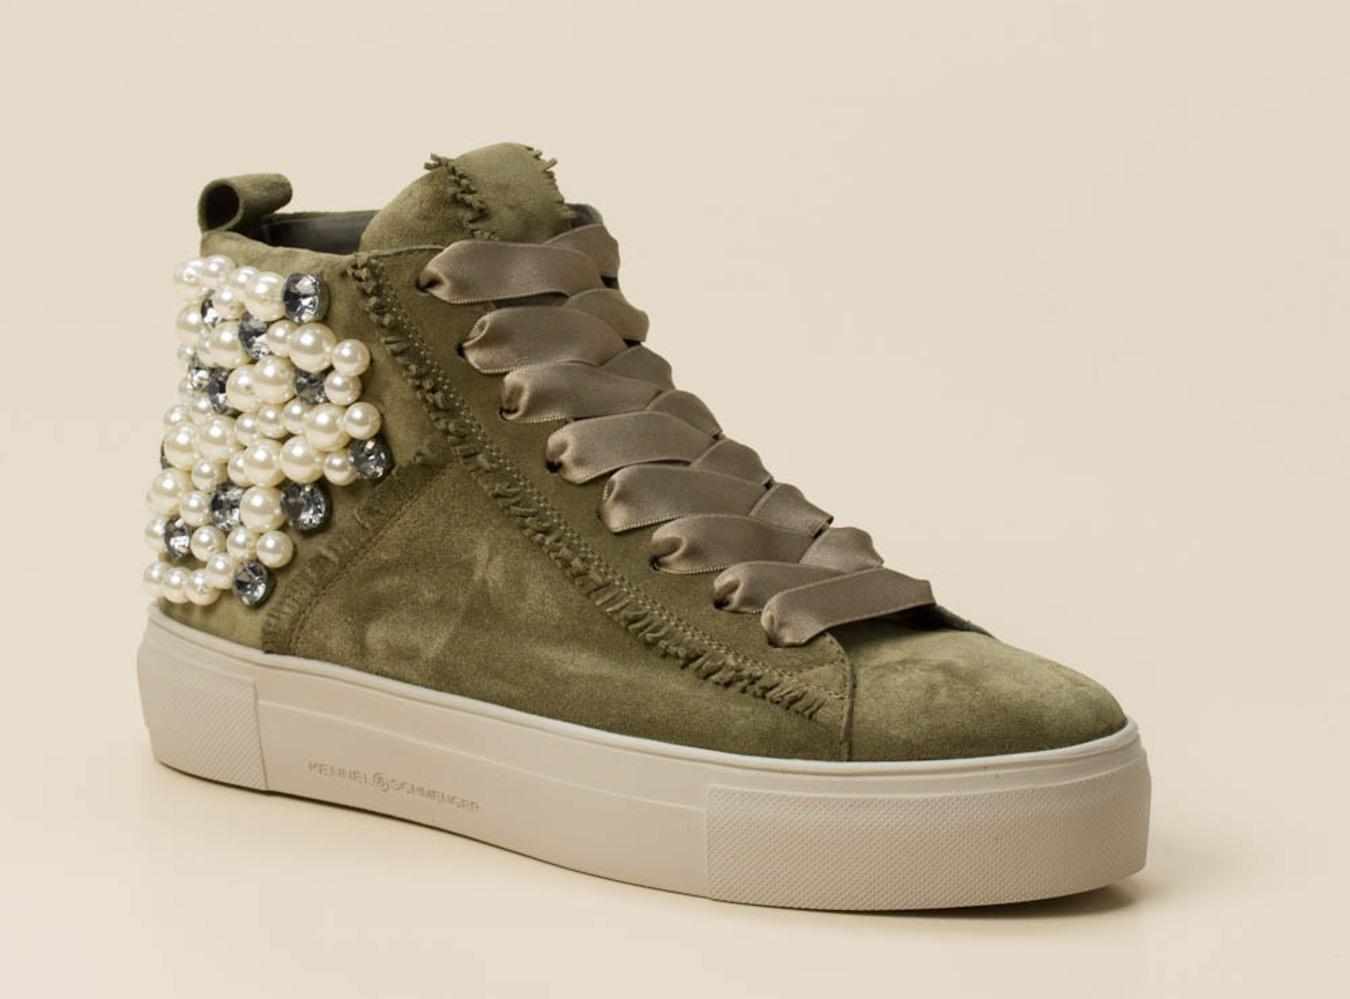 Qualitätsprodukte große Vielfalt Stile Größe 40 Sneaker high